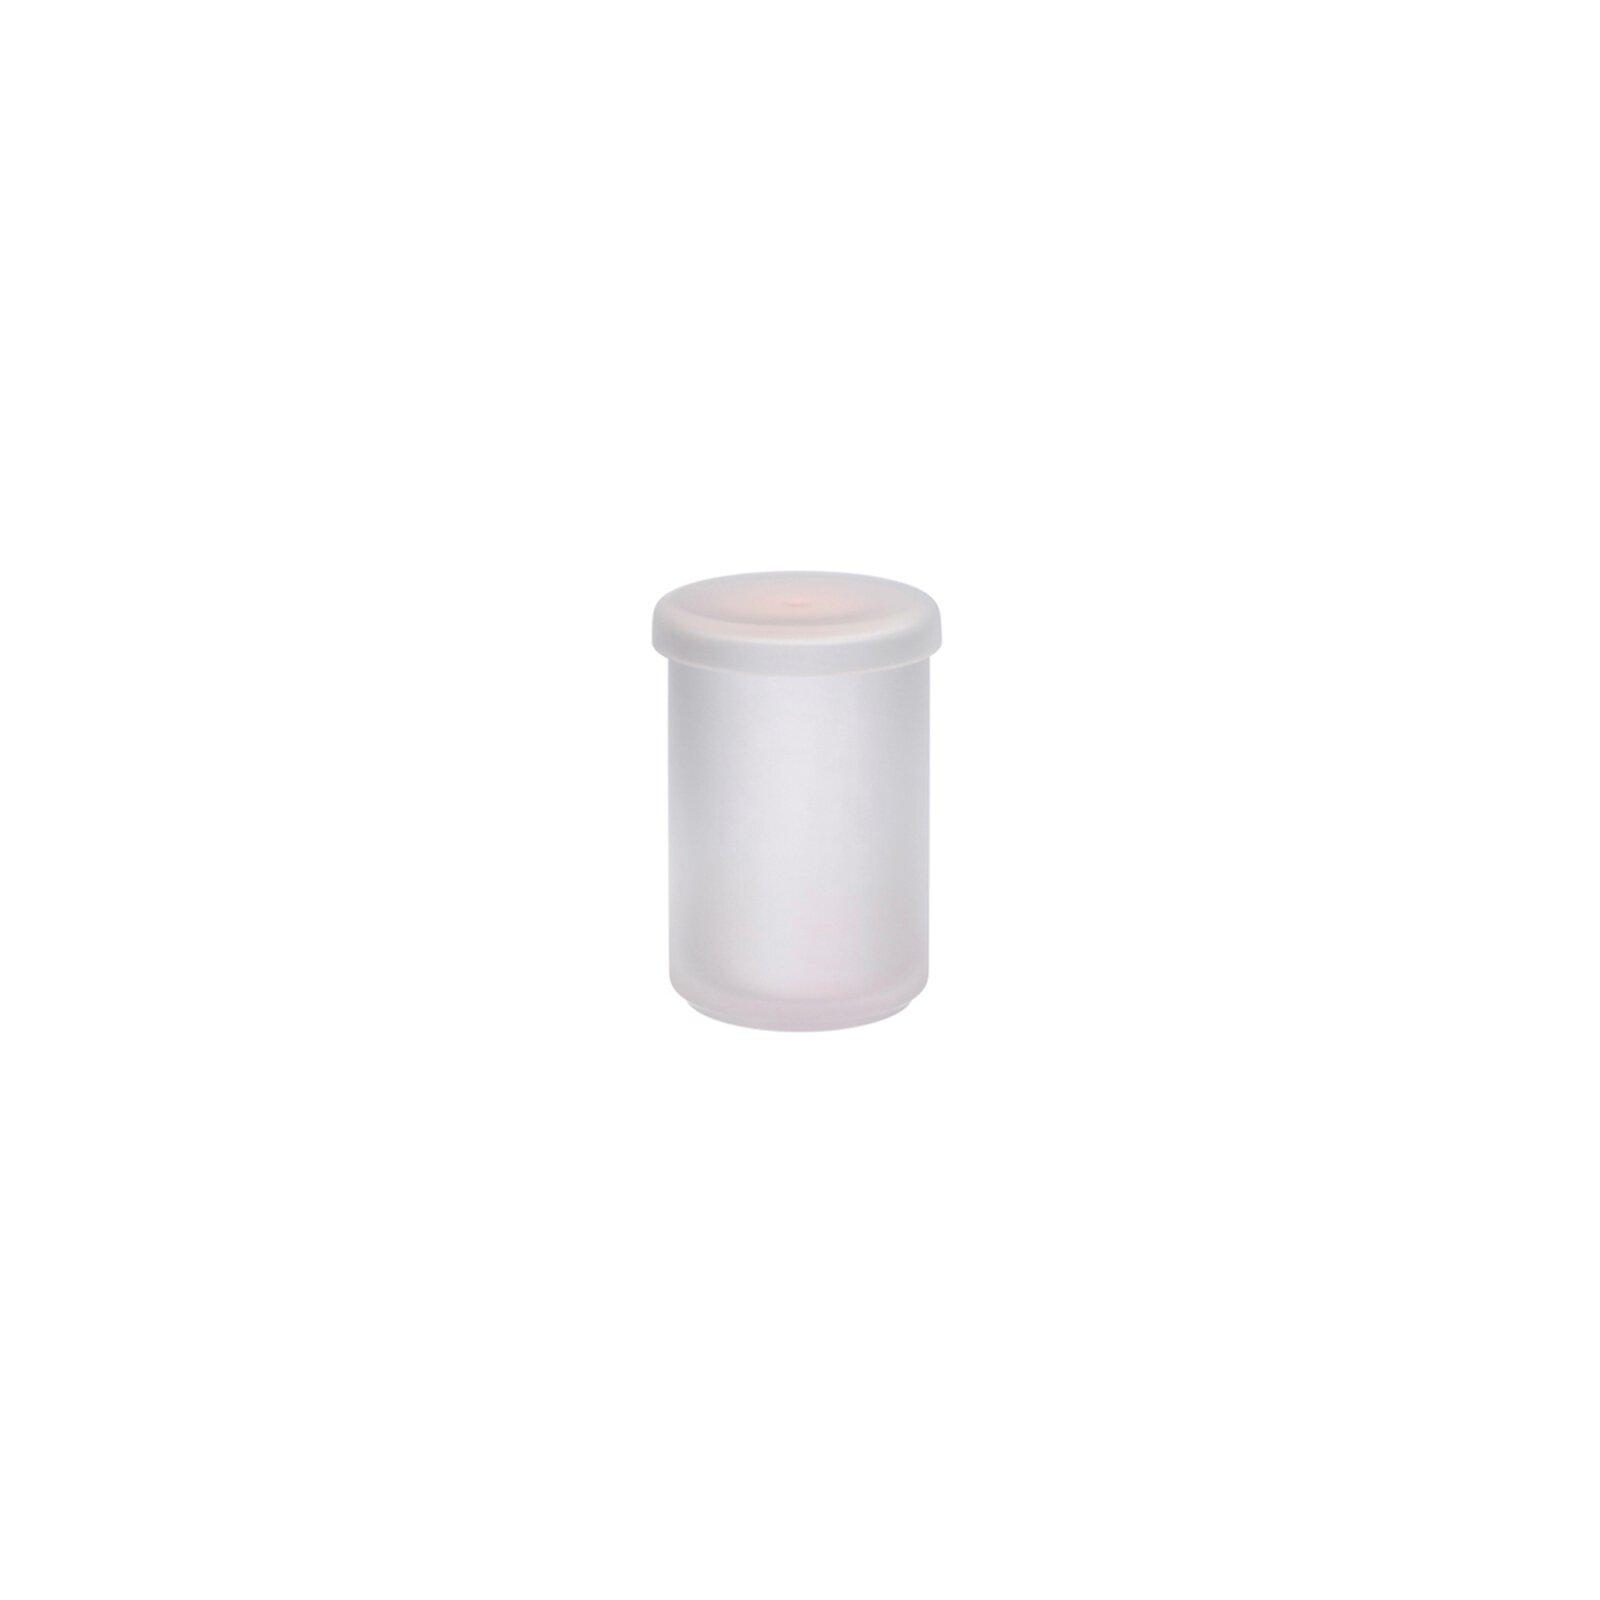 Nude Pigmento Storage Jar Wayfair